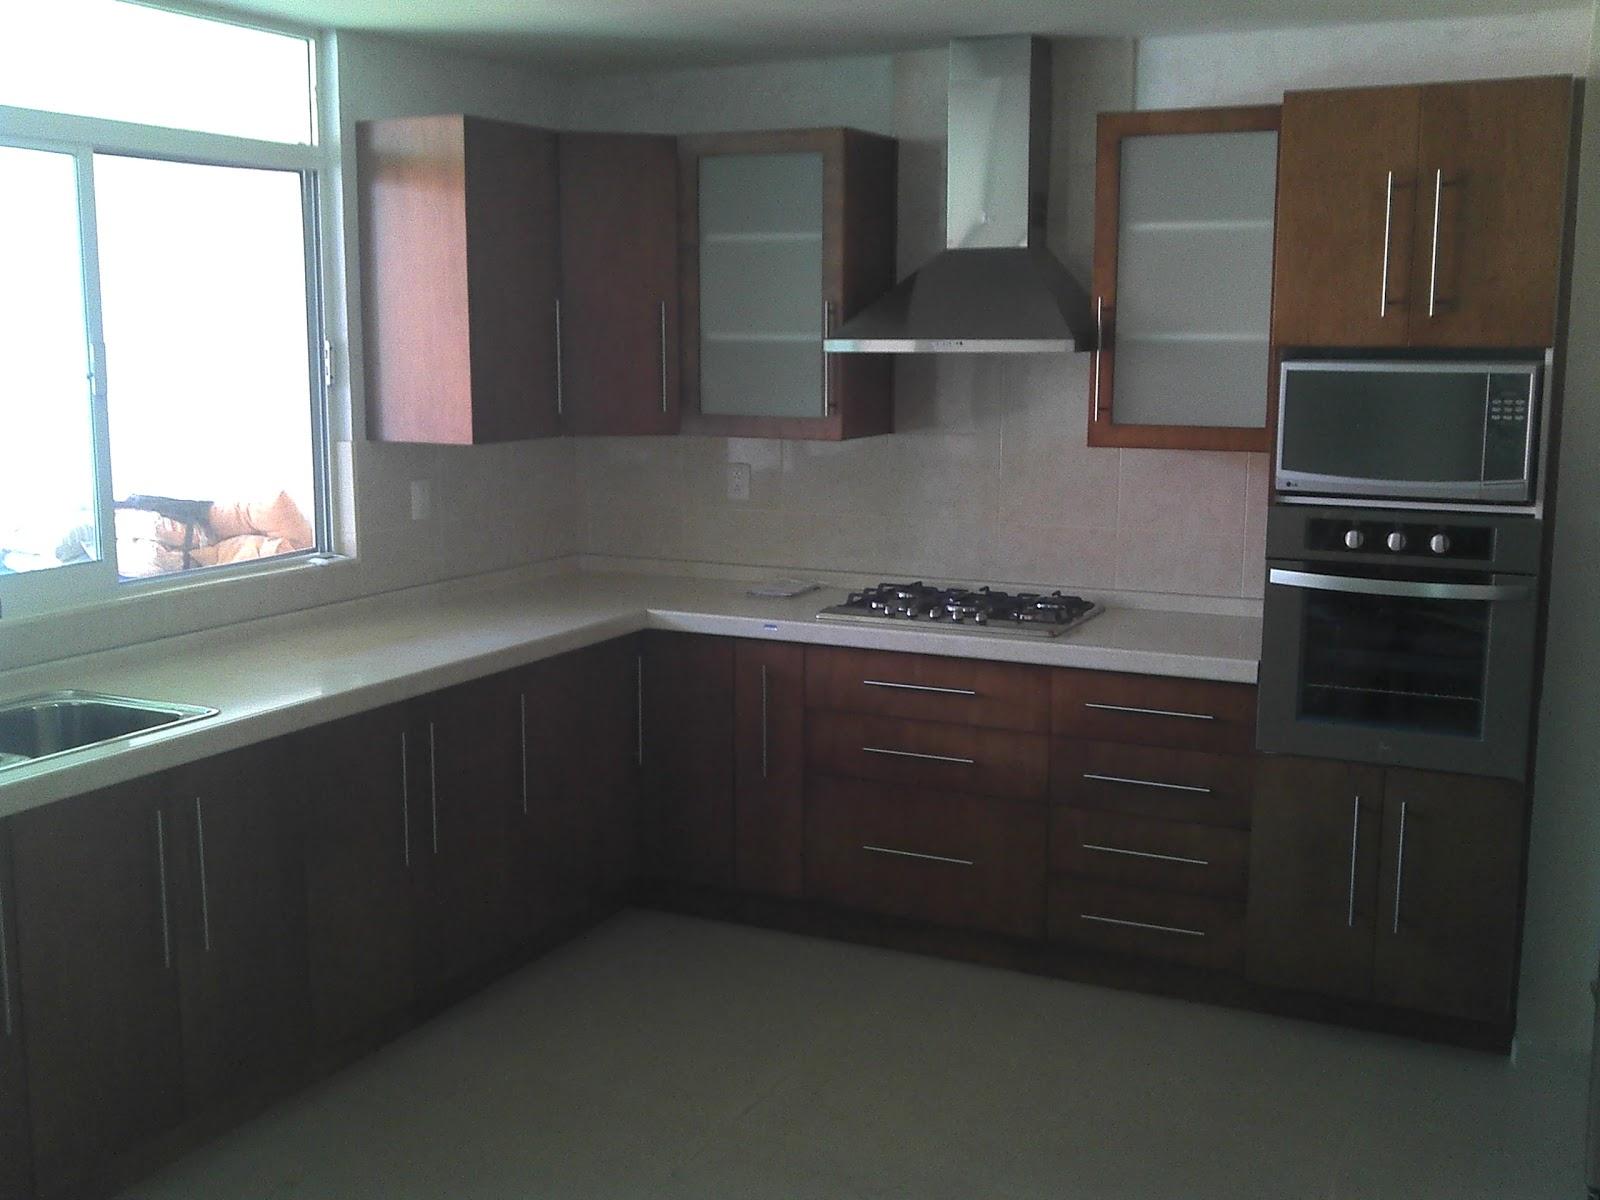 Heynez cocinas modernas - Cocinas modernas de madera ...